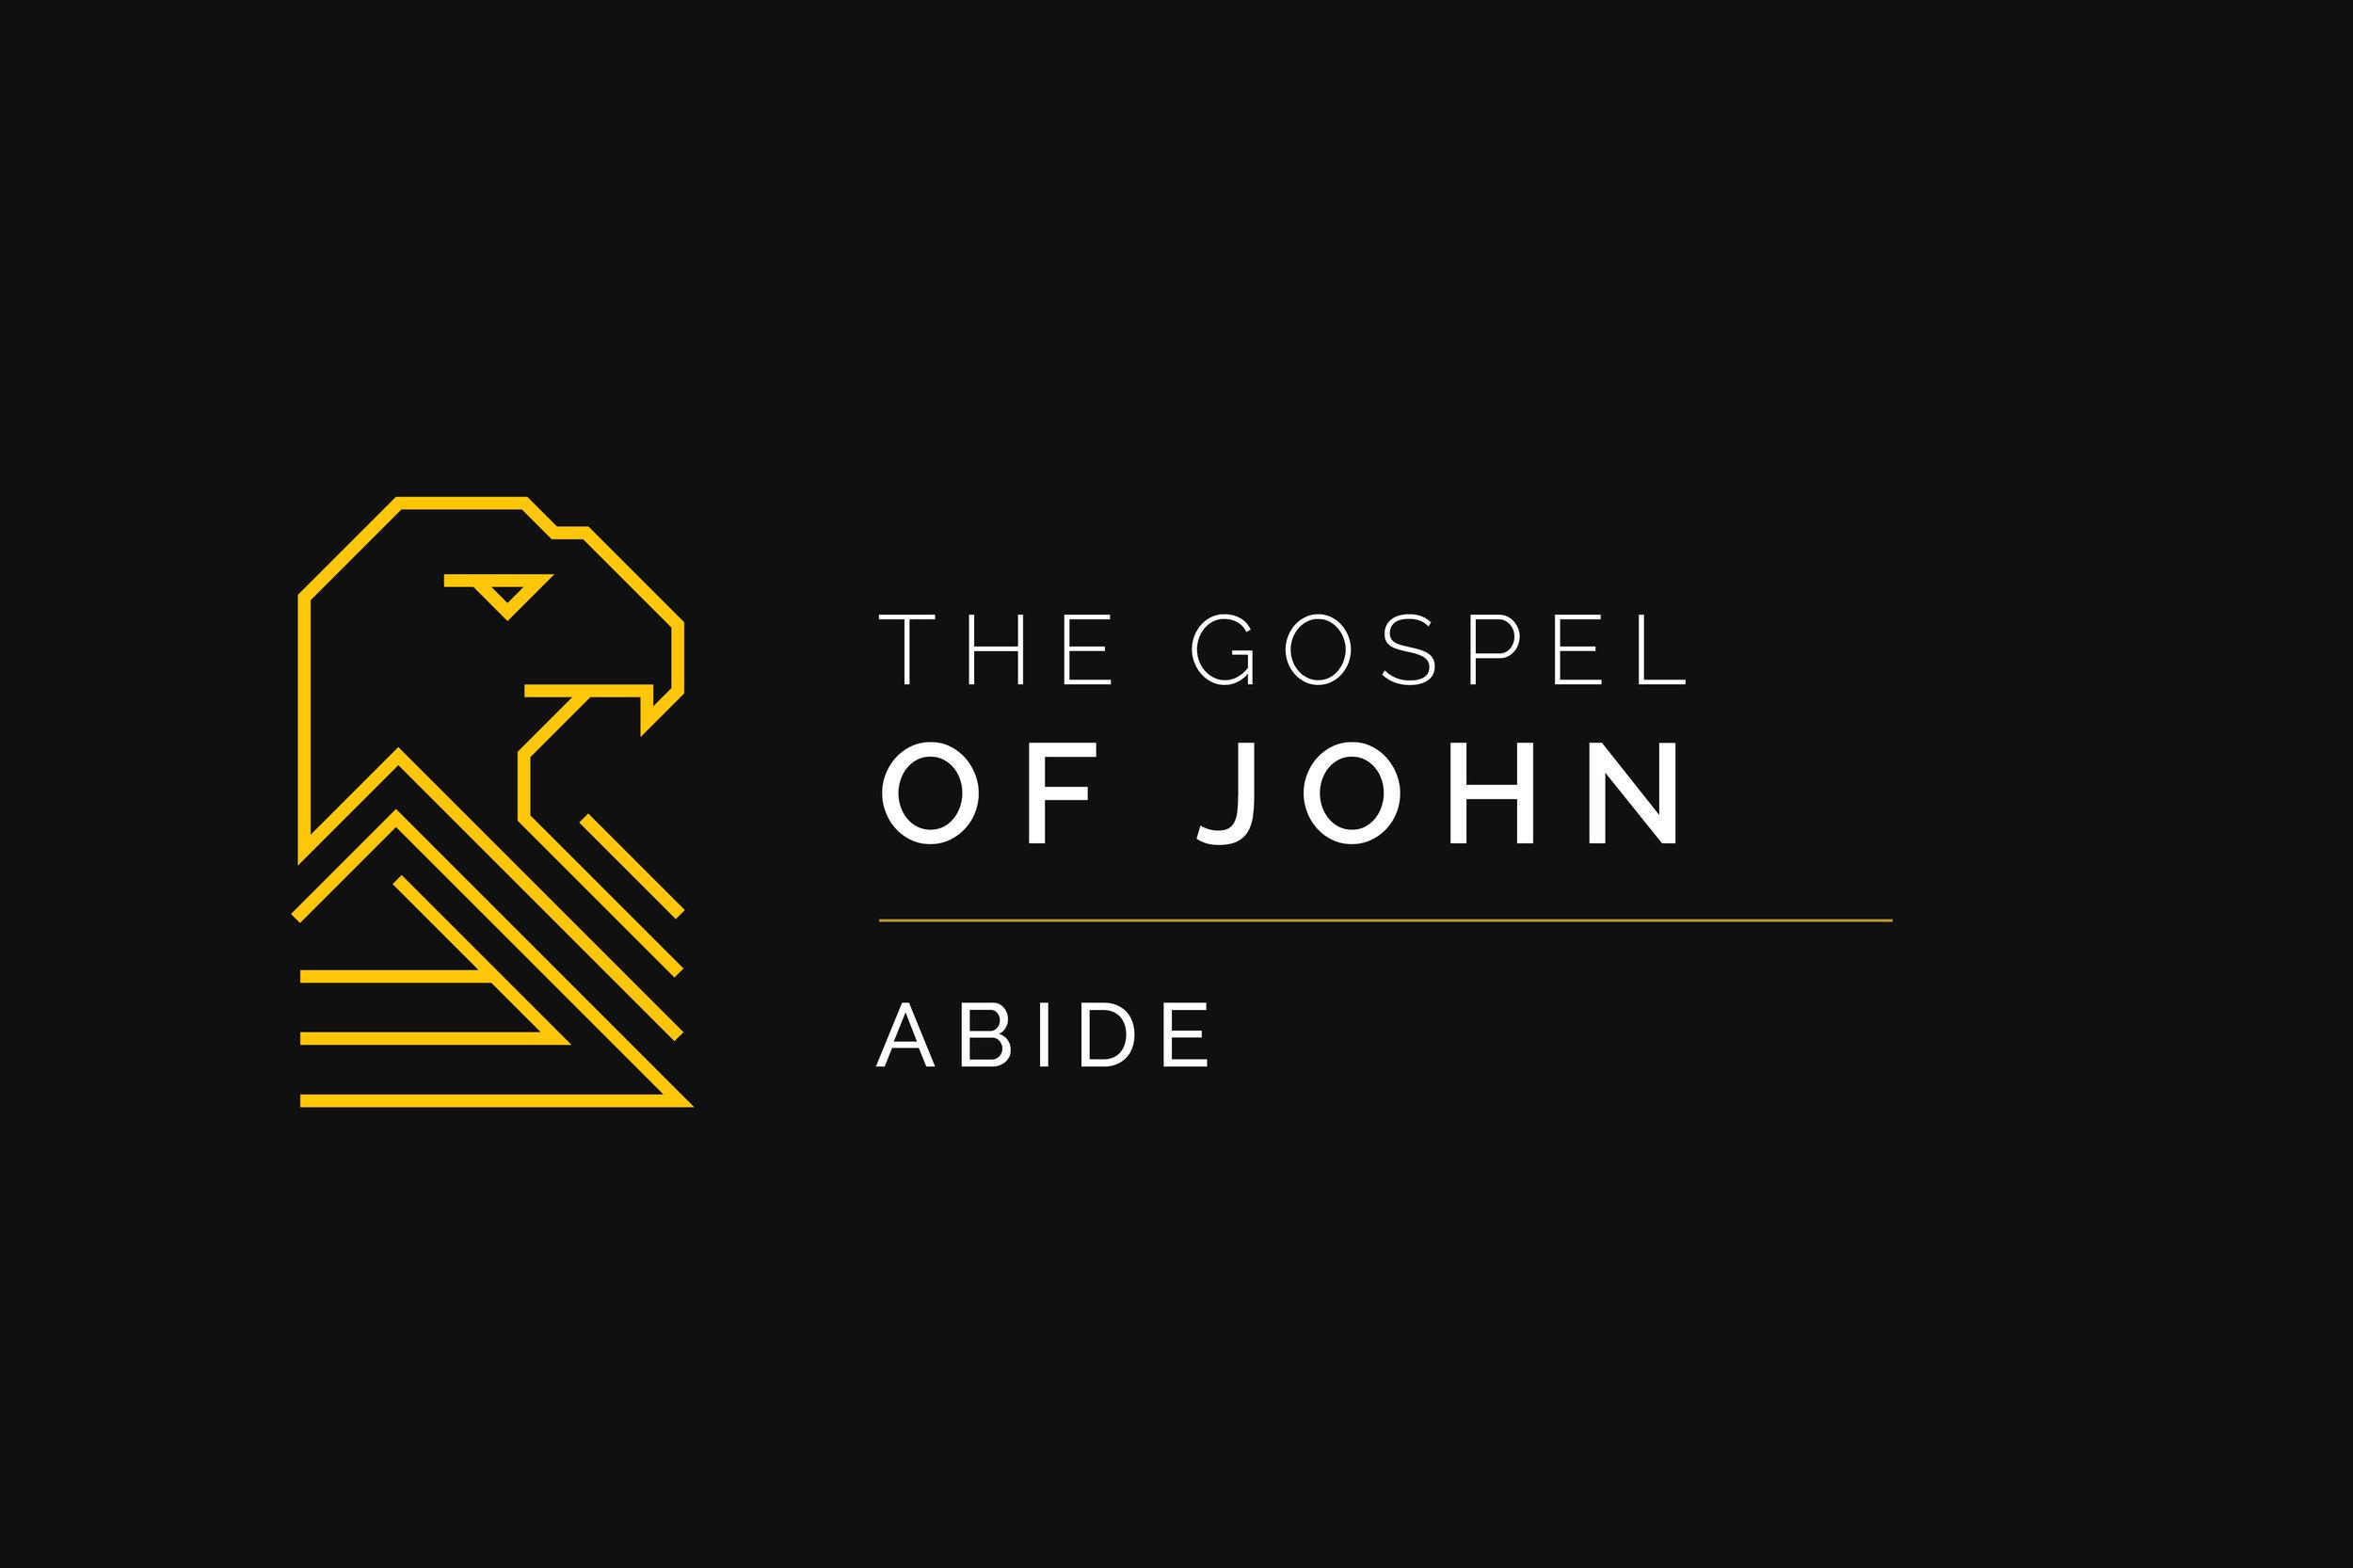 The-Gospel-of-John--Abide.jpg